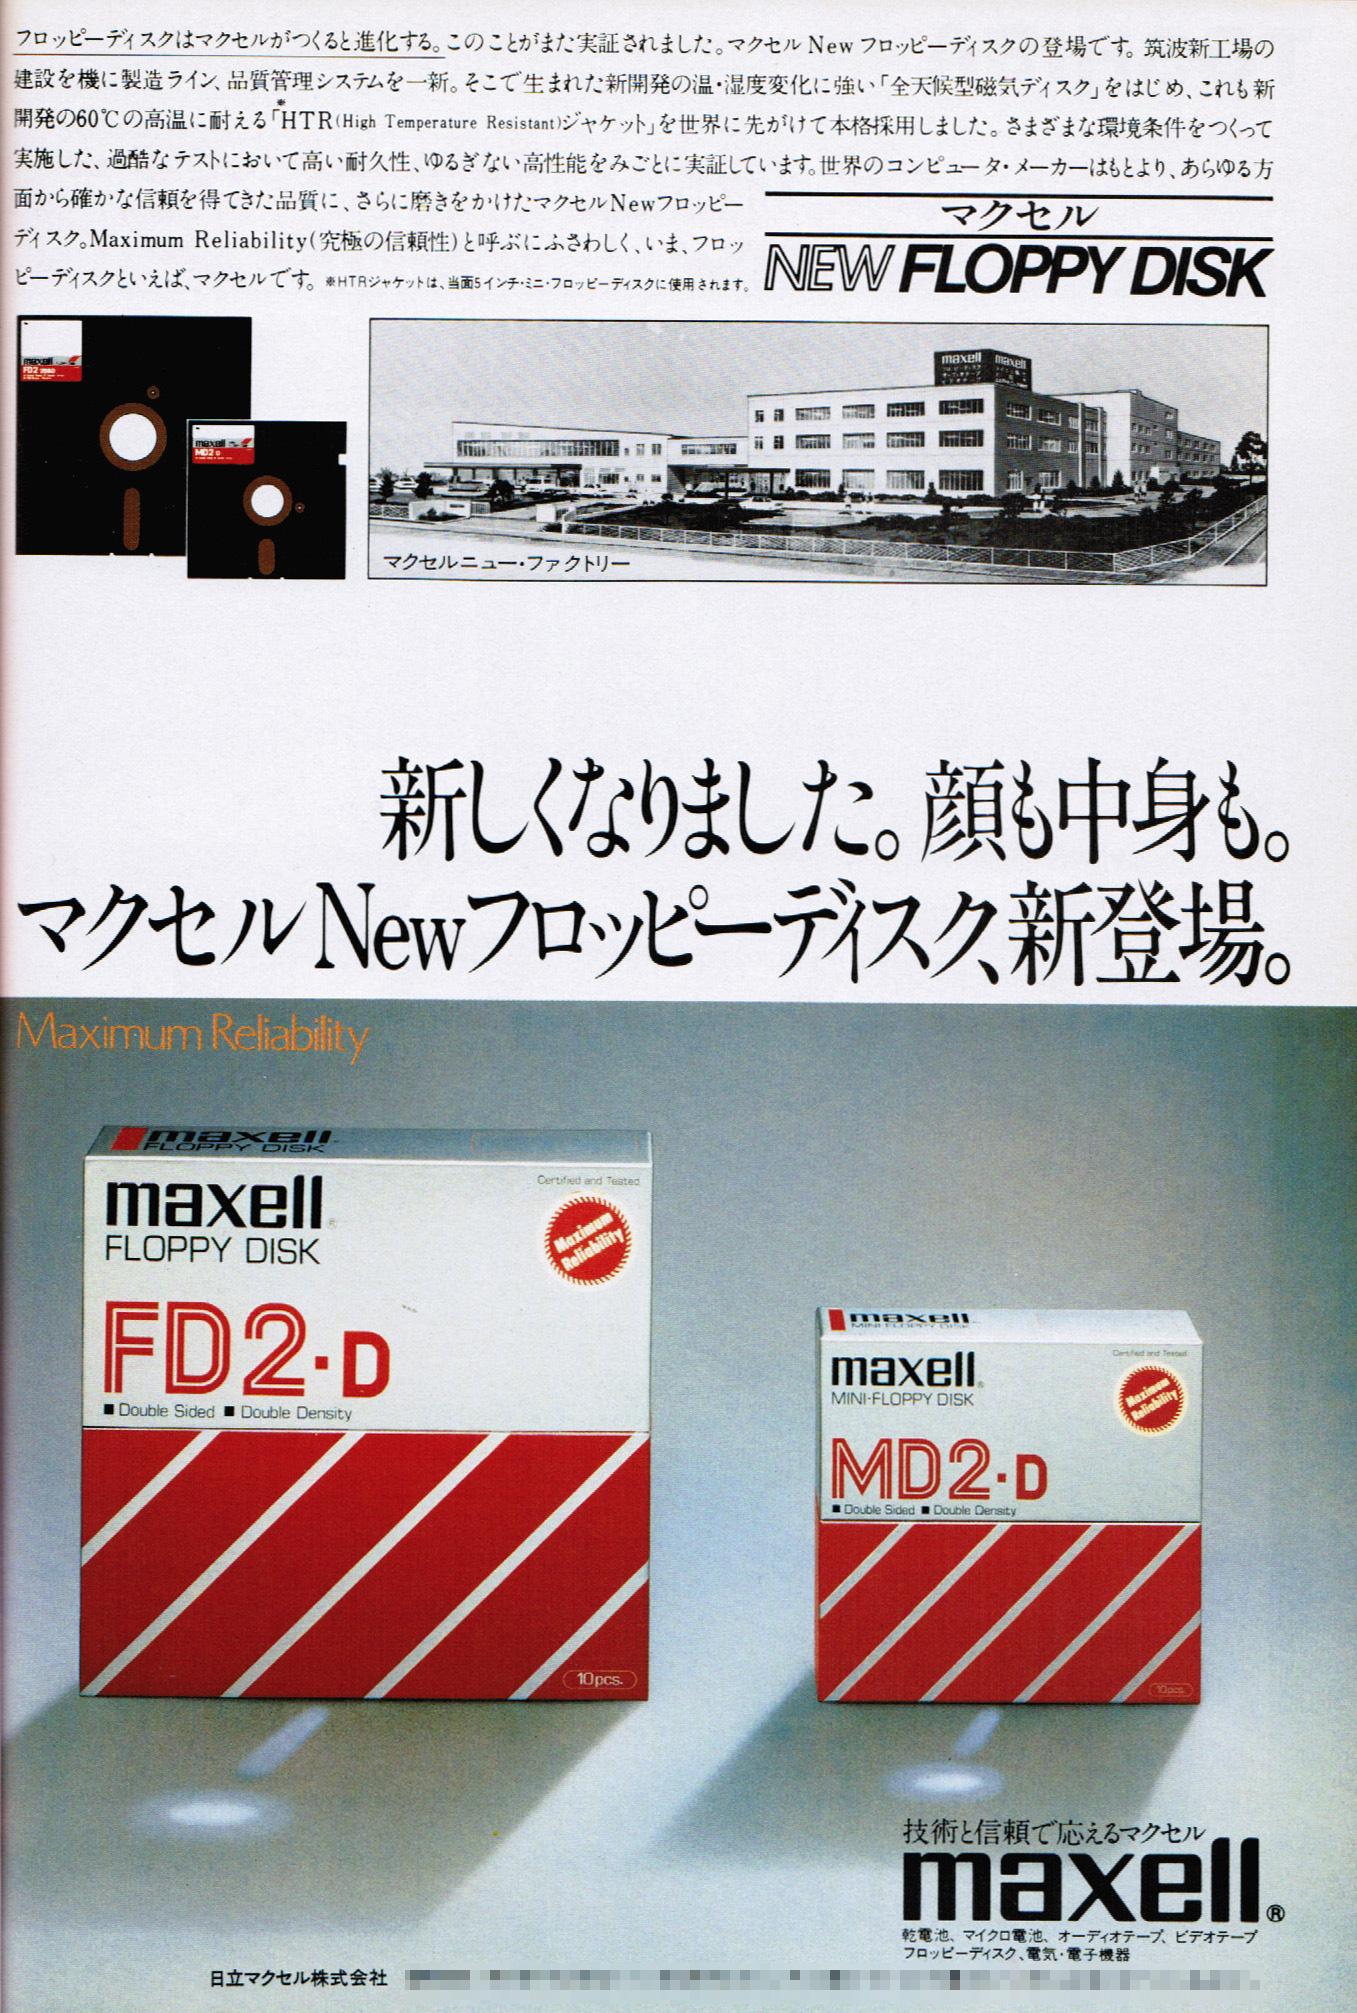 当時はフロッピーディスクの広告も、雑誌に掲載されていた。それだけ、まだまだ新しい媒体だったといえる。